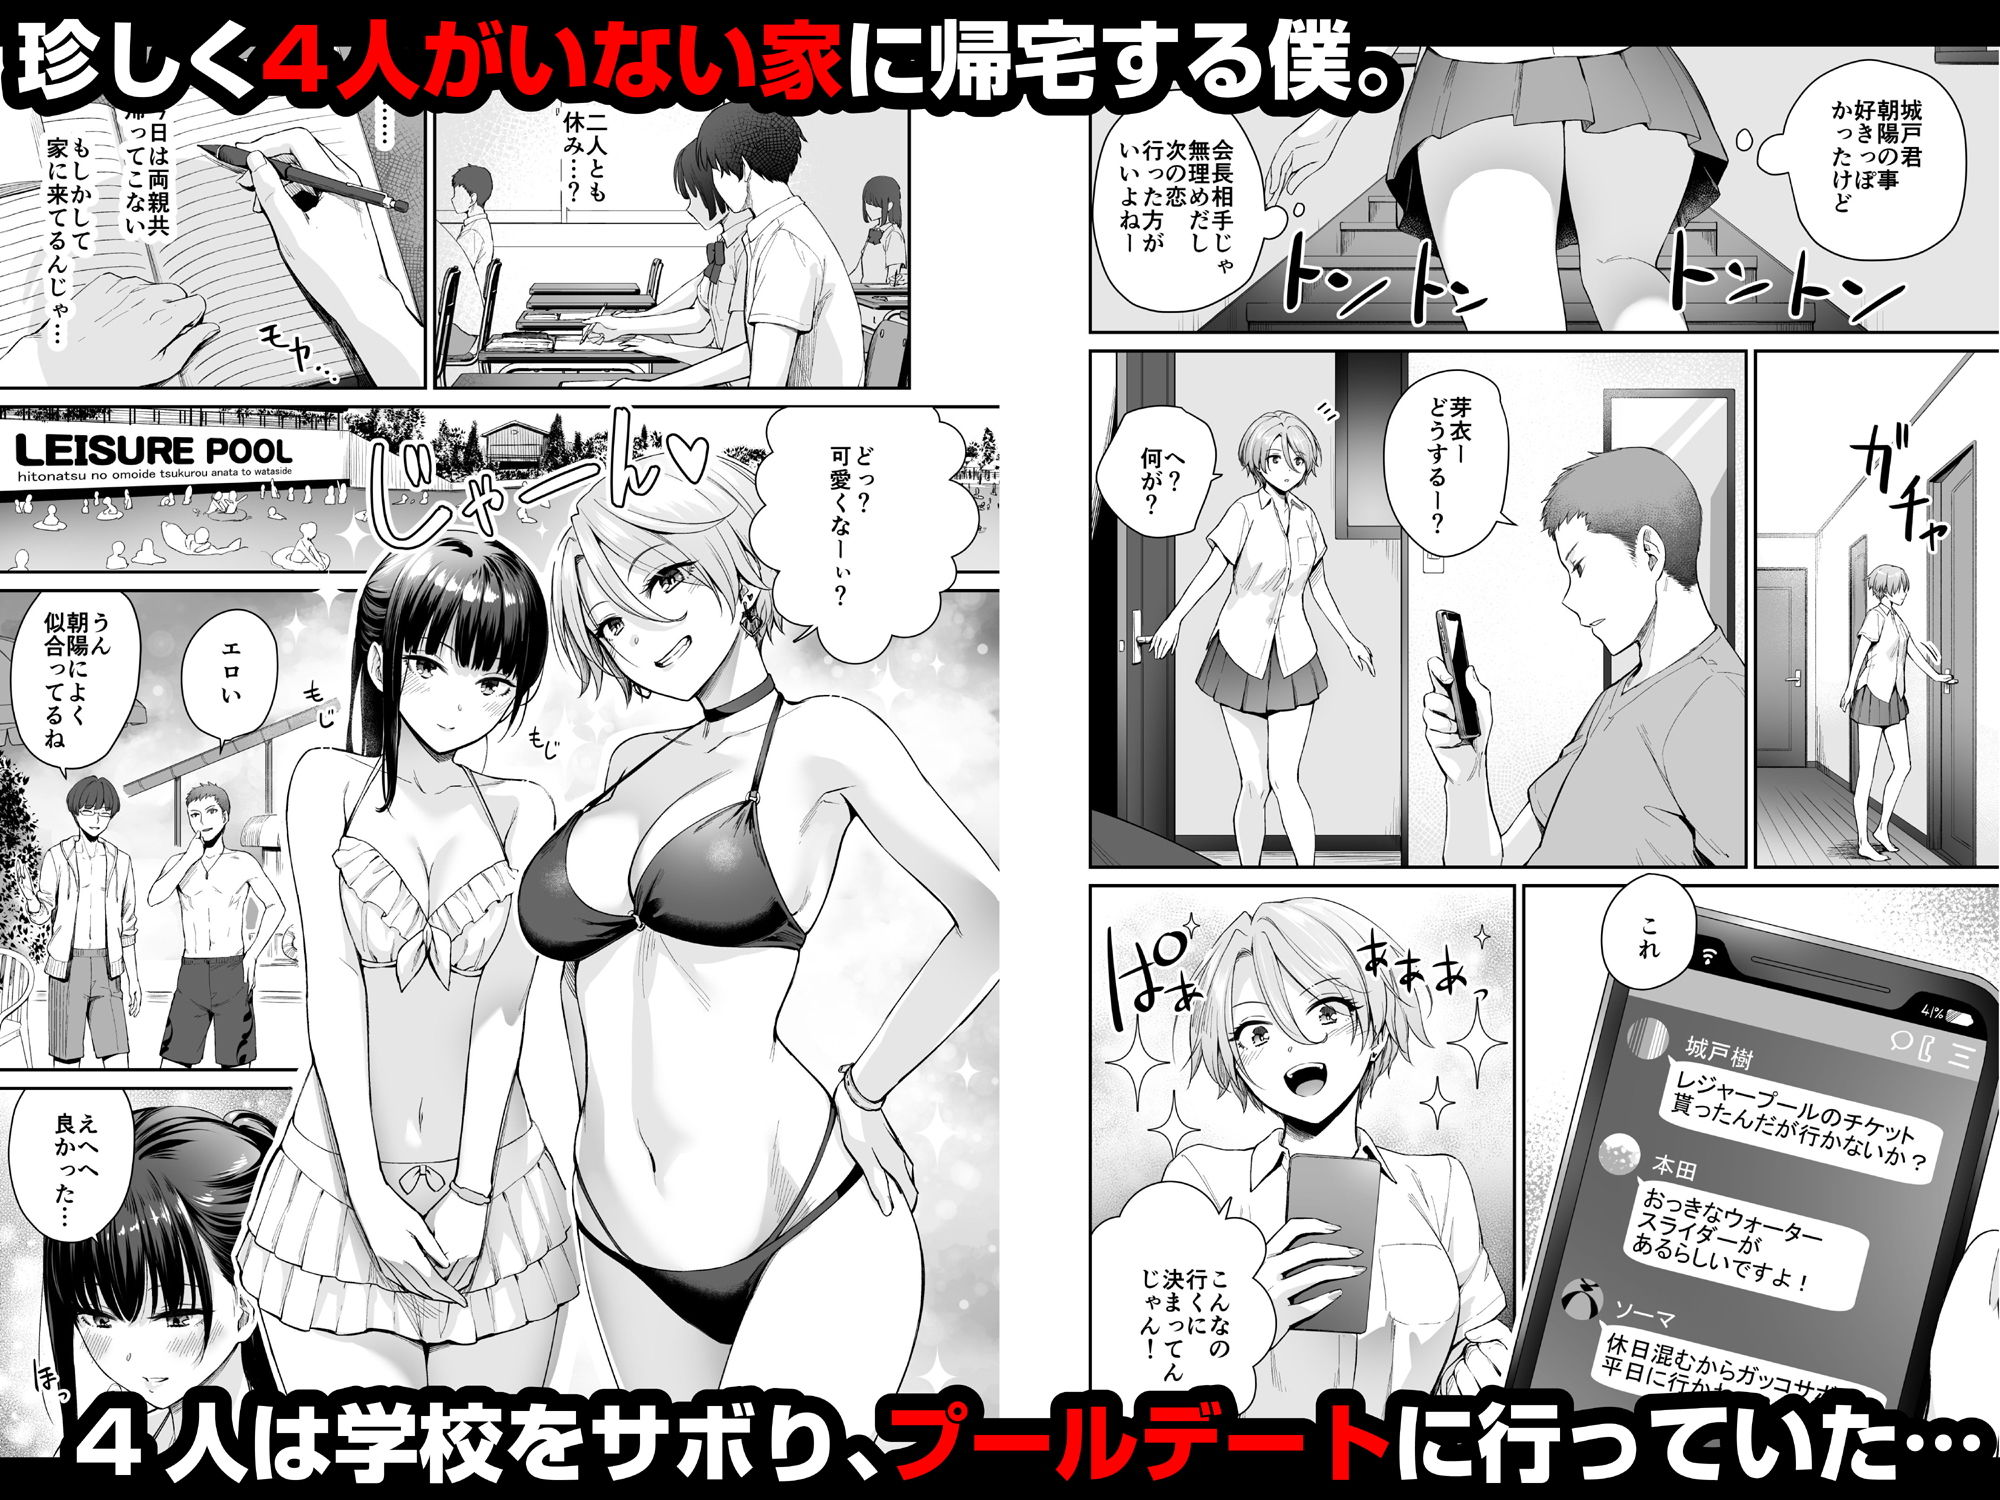 【エロ漫画】ぼくだけがセックスできない家 続編 著・紅村かる 【同人コミック】#5